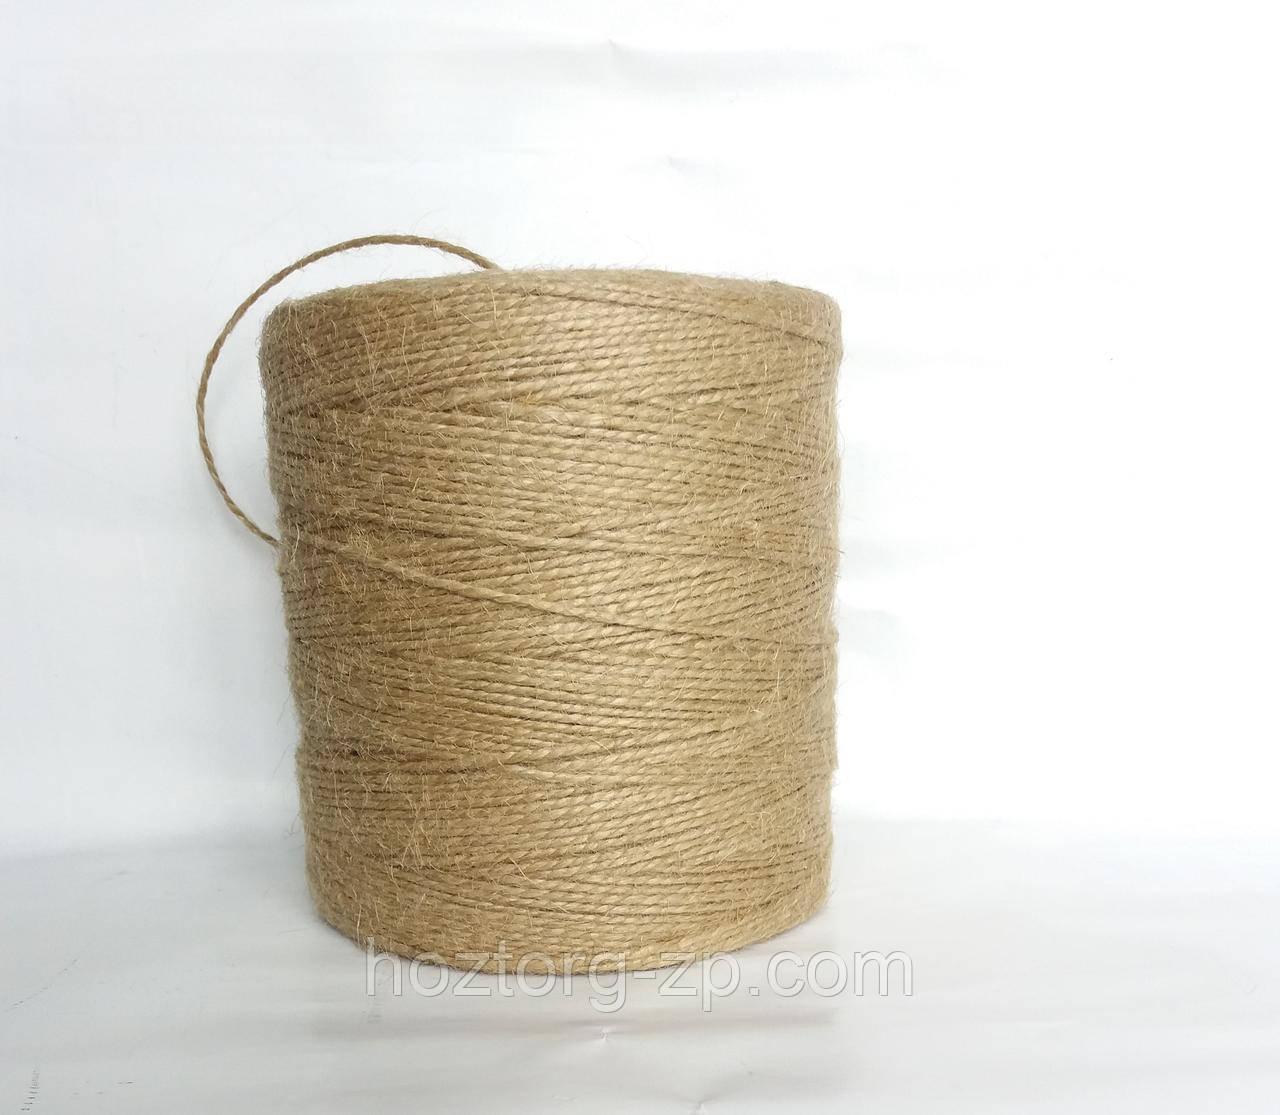 Шпагат (пряжа)  джутовая двухниточная для вязания